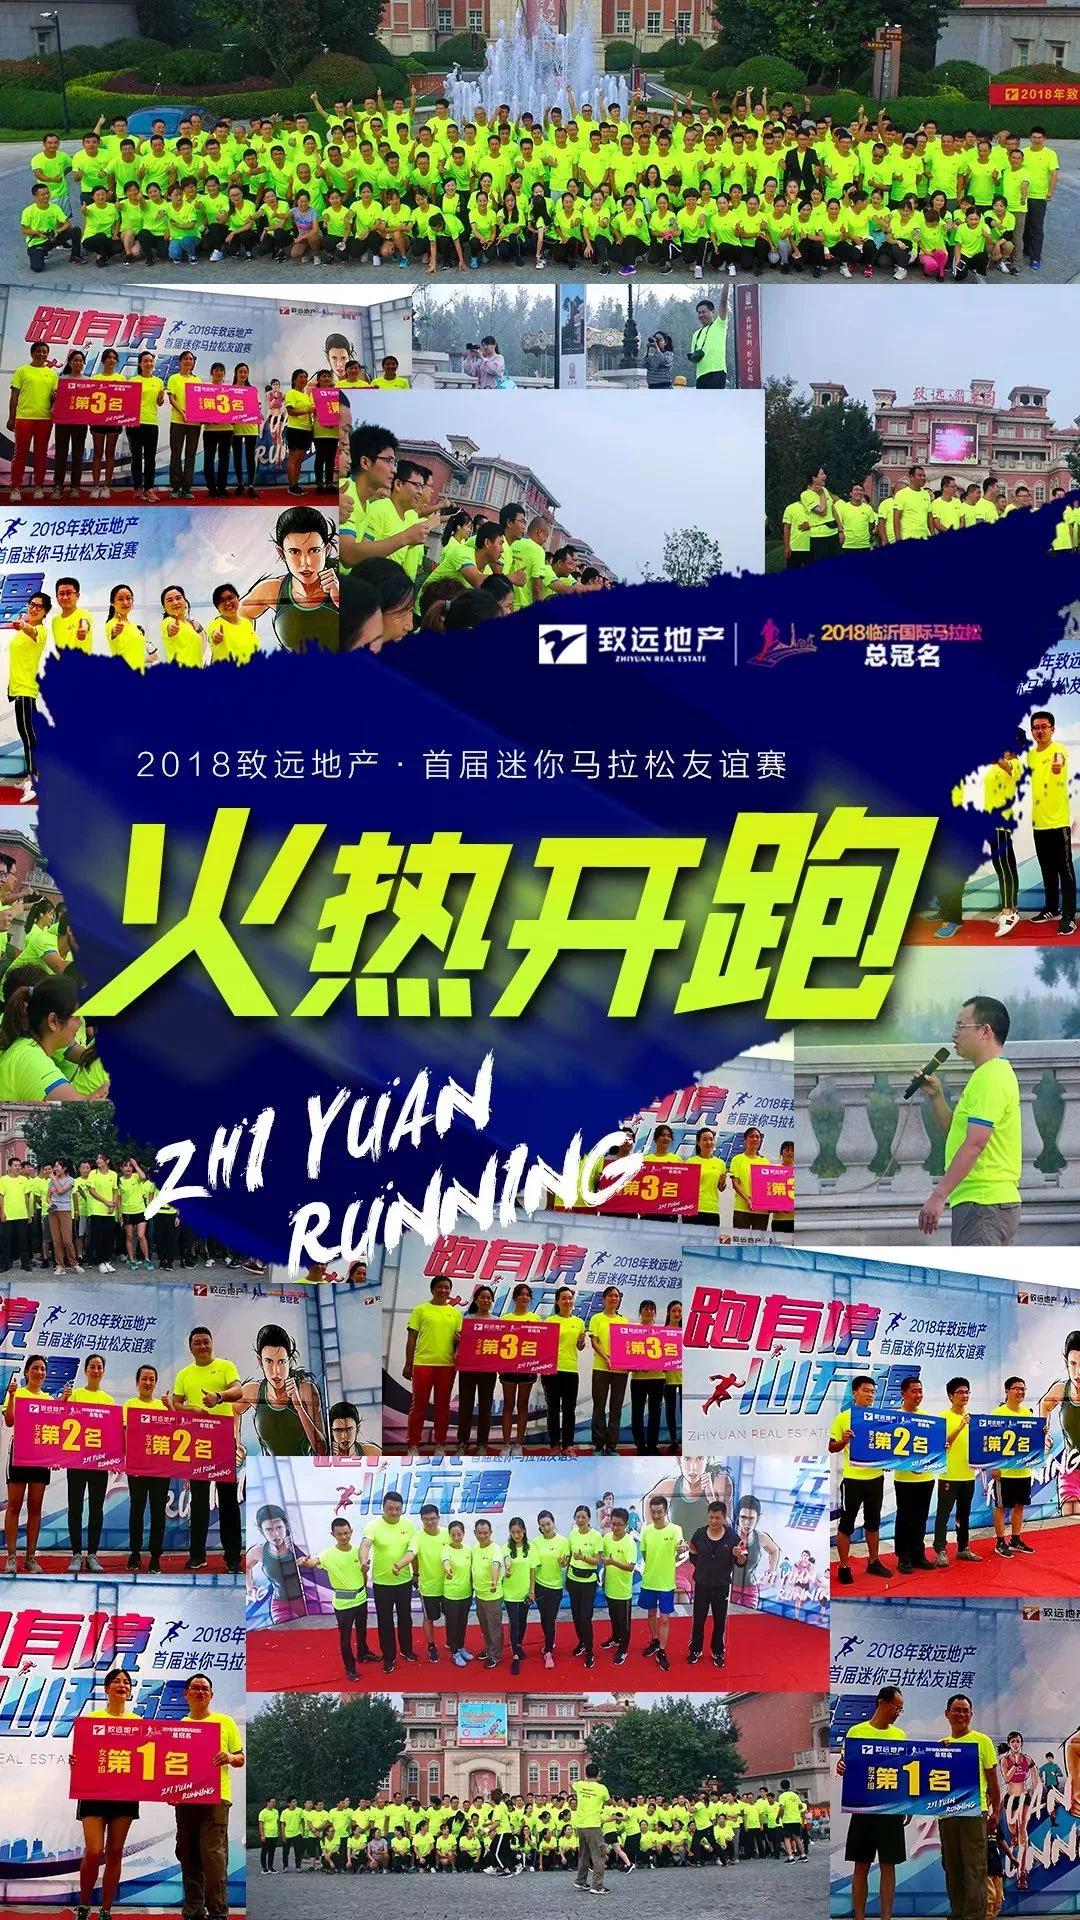 跑有界,心无疆丨致远集团首届员工迷你马拉松友谊赛火热开跑!